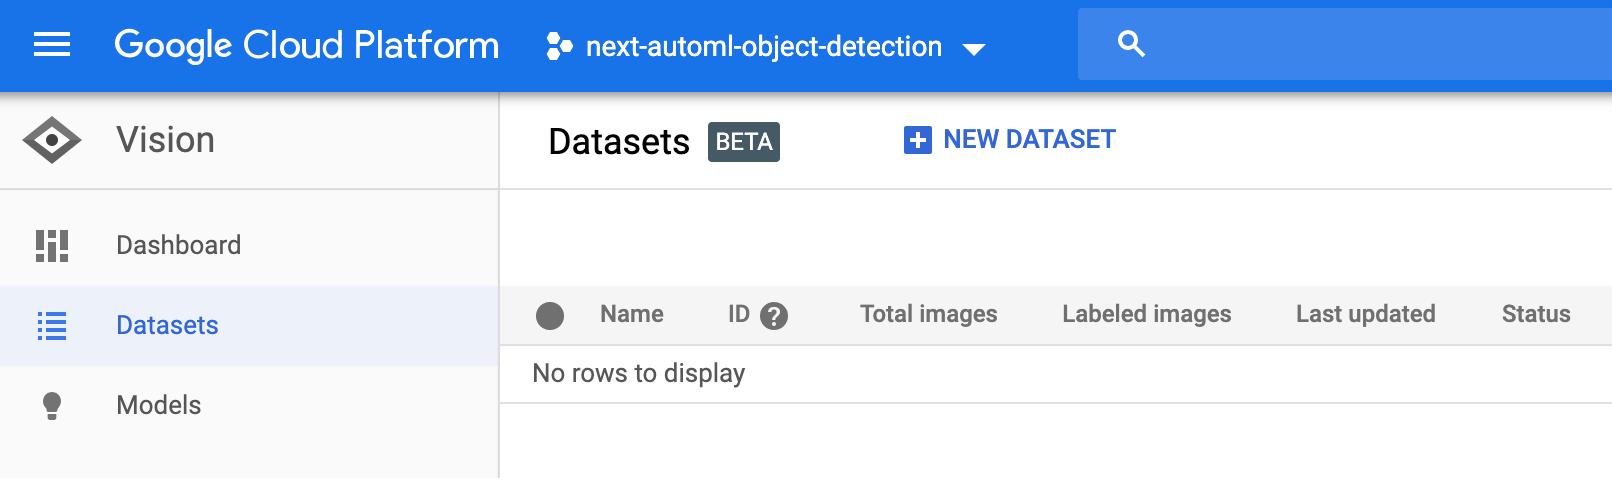 새 데이터세트 만들기 선택